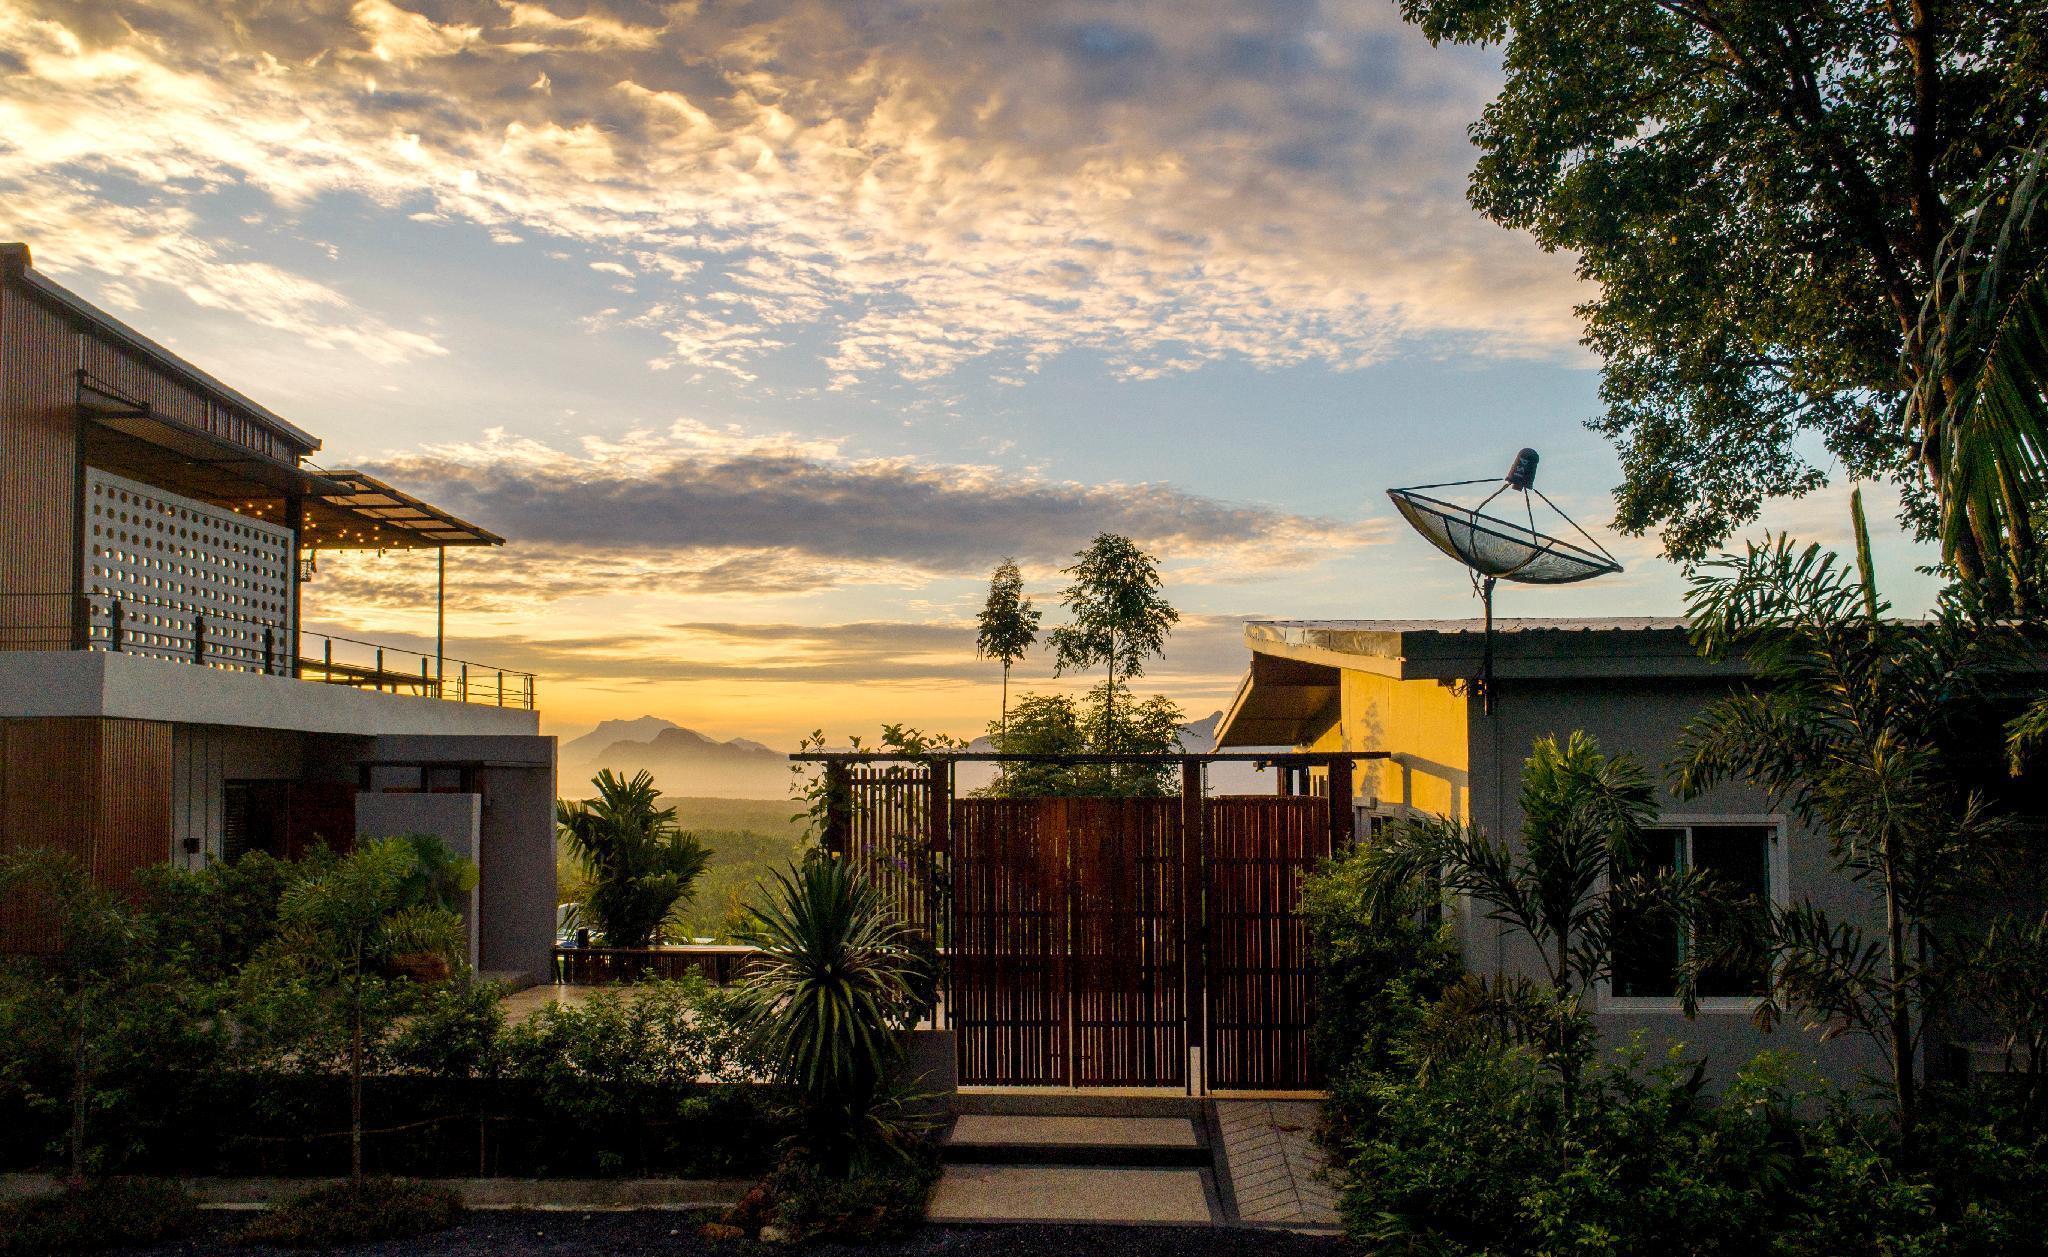 Ao Luek Panoramic Pool Villa,Room Studio.2 วิลลา 1 ห้องนอน 1 ห้องน้ำส่วนตัว ขนาด 65 ตร.ม. – อ่าวลึก